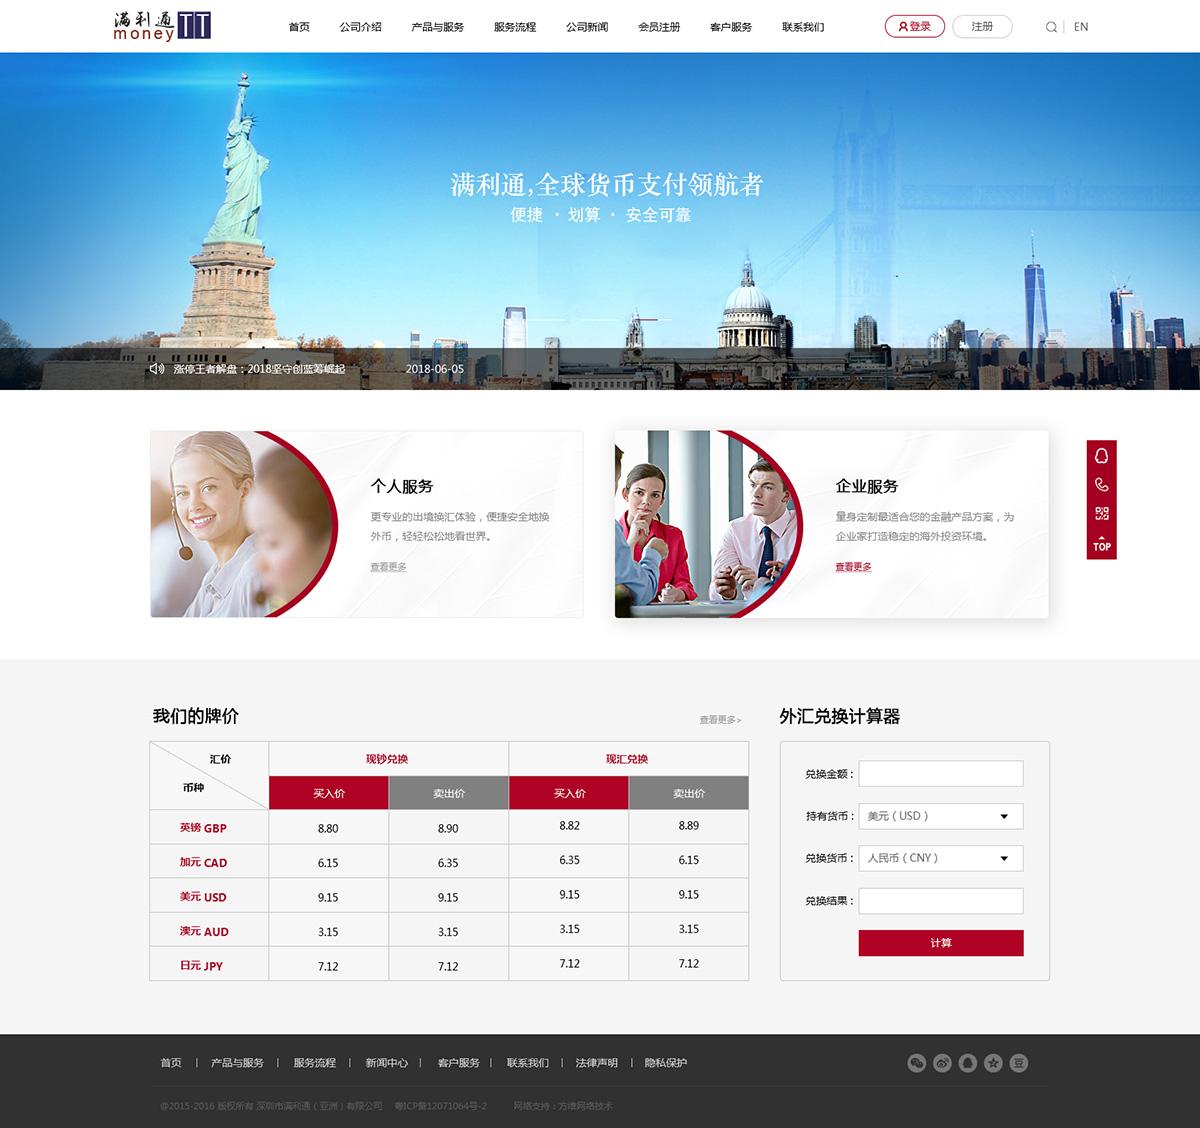 满利通(亚洲)网站案例